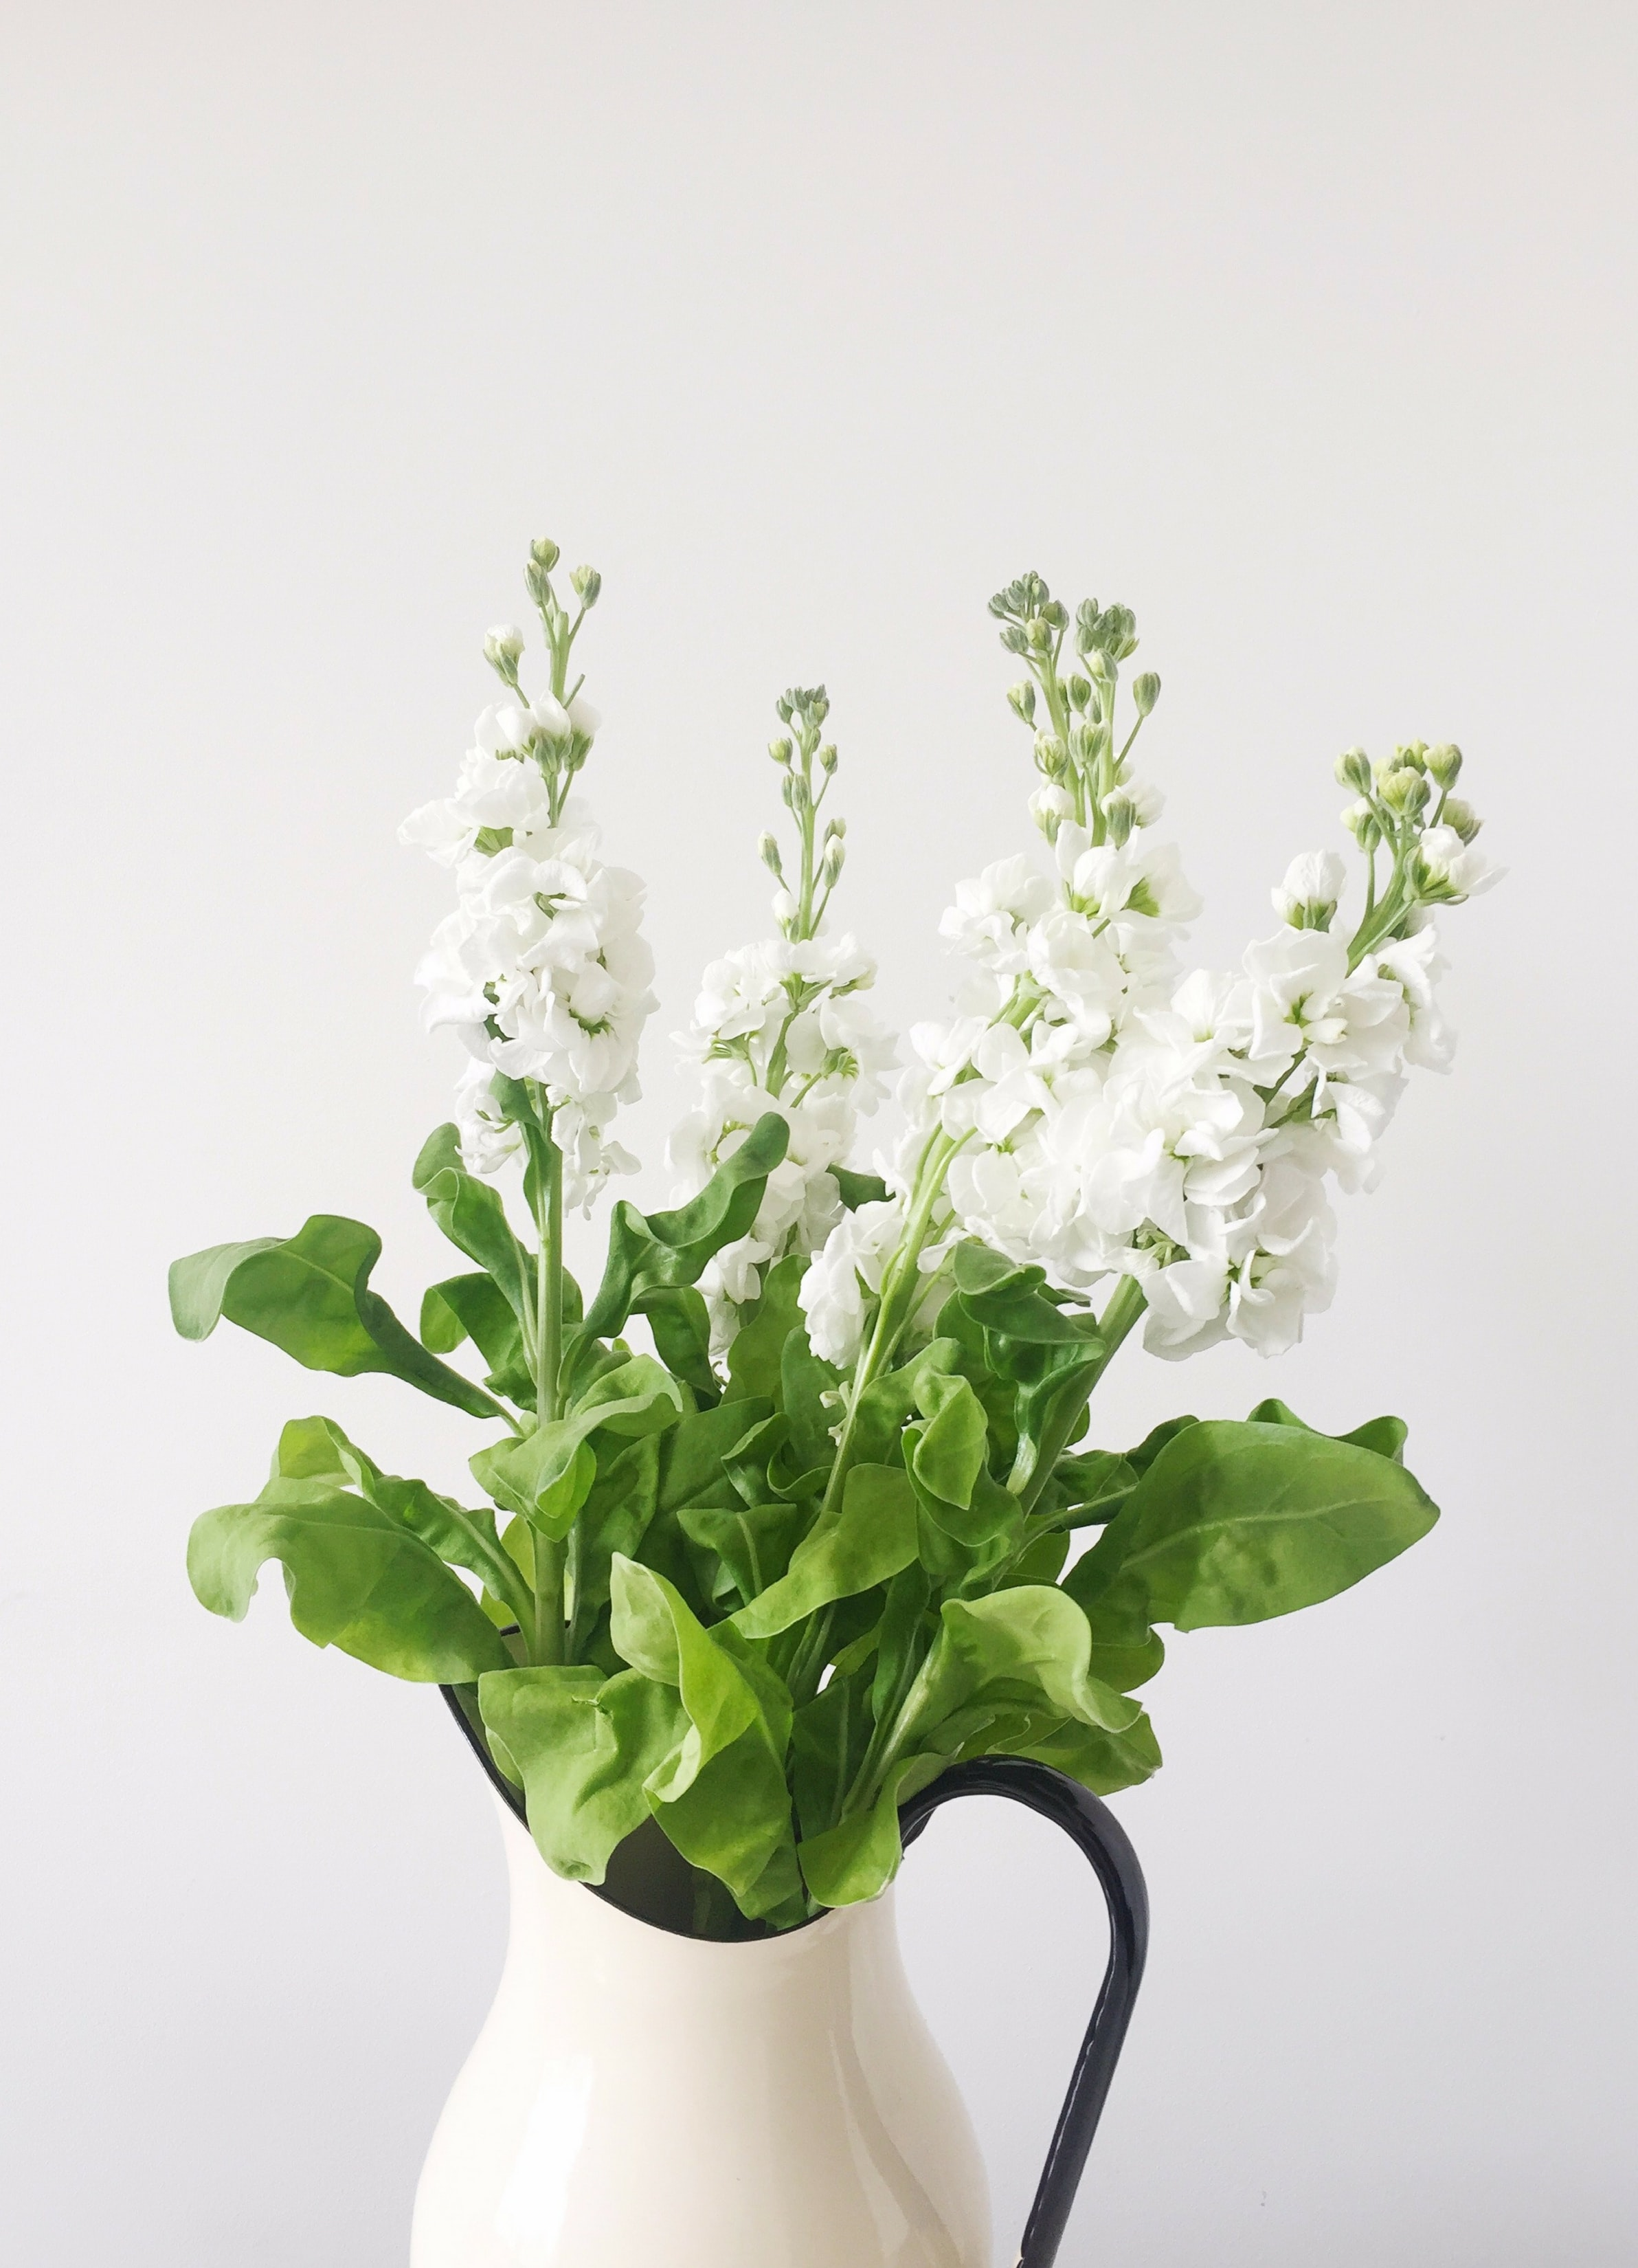 white petaled flower in white vase